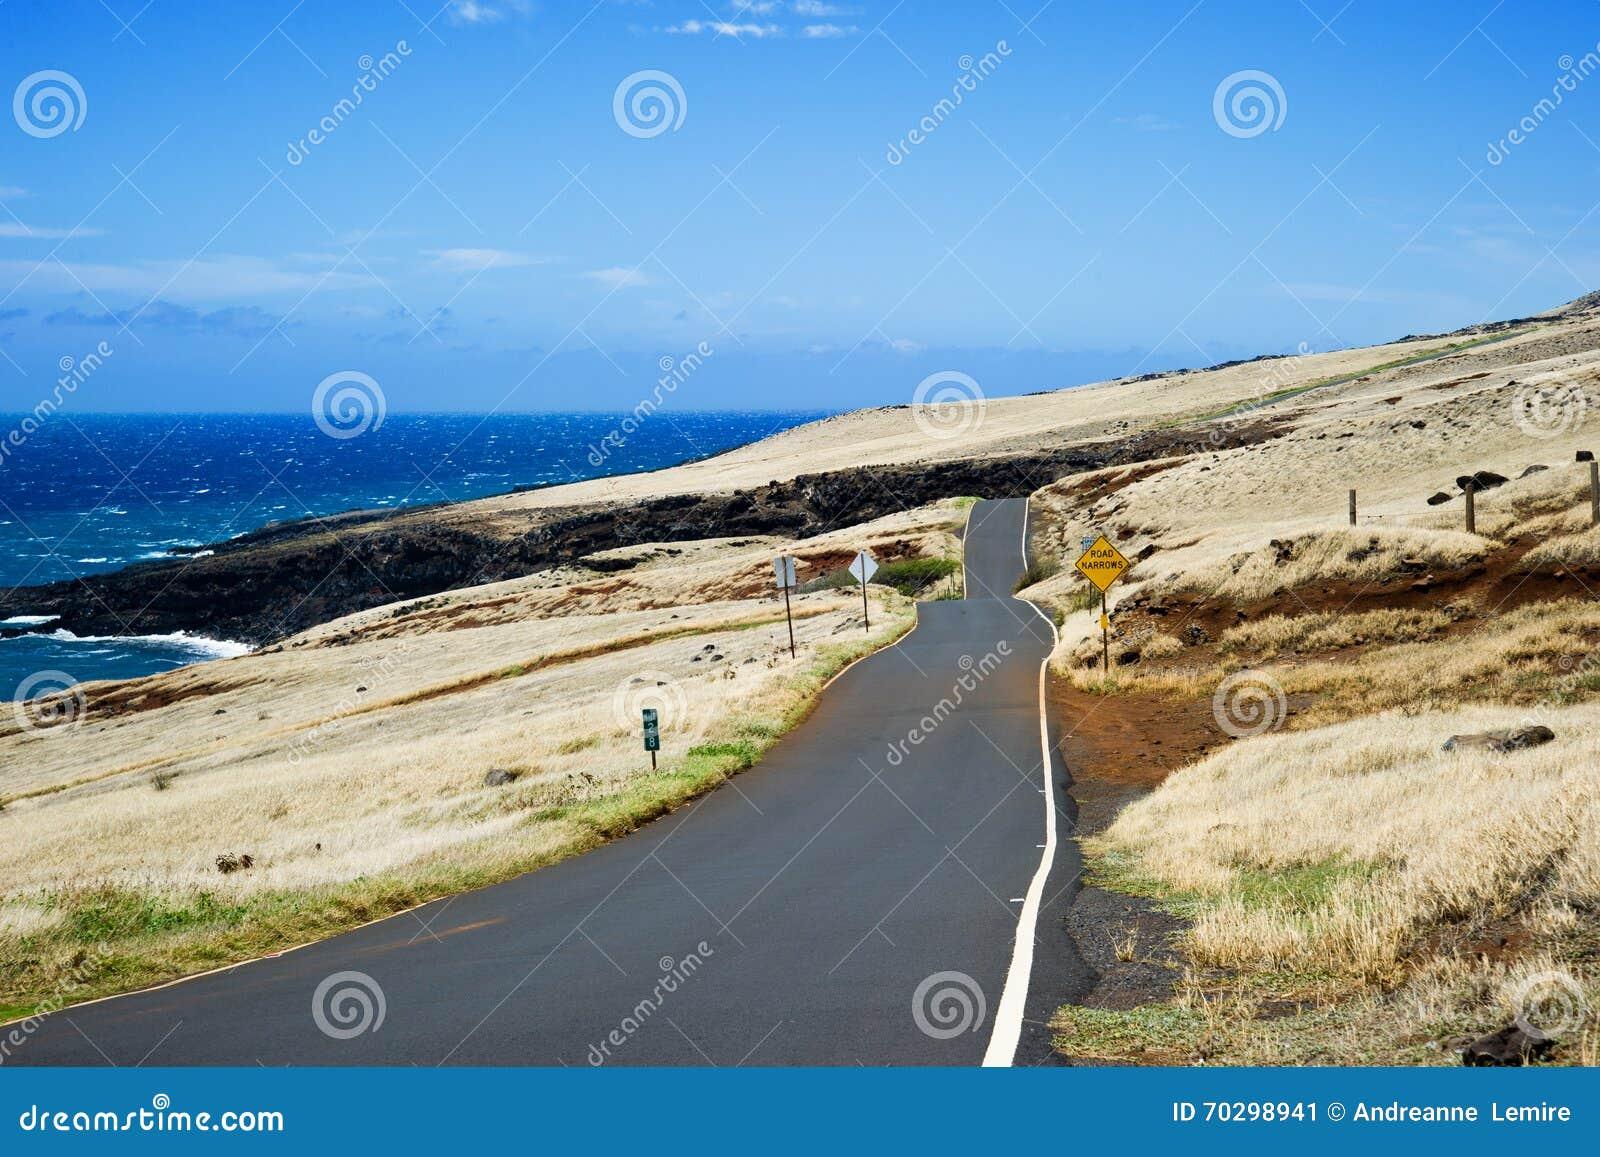 Promenade en voiture Maui, Hawaï